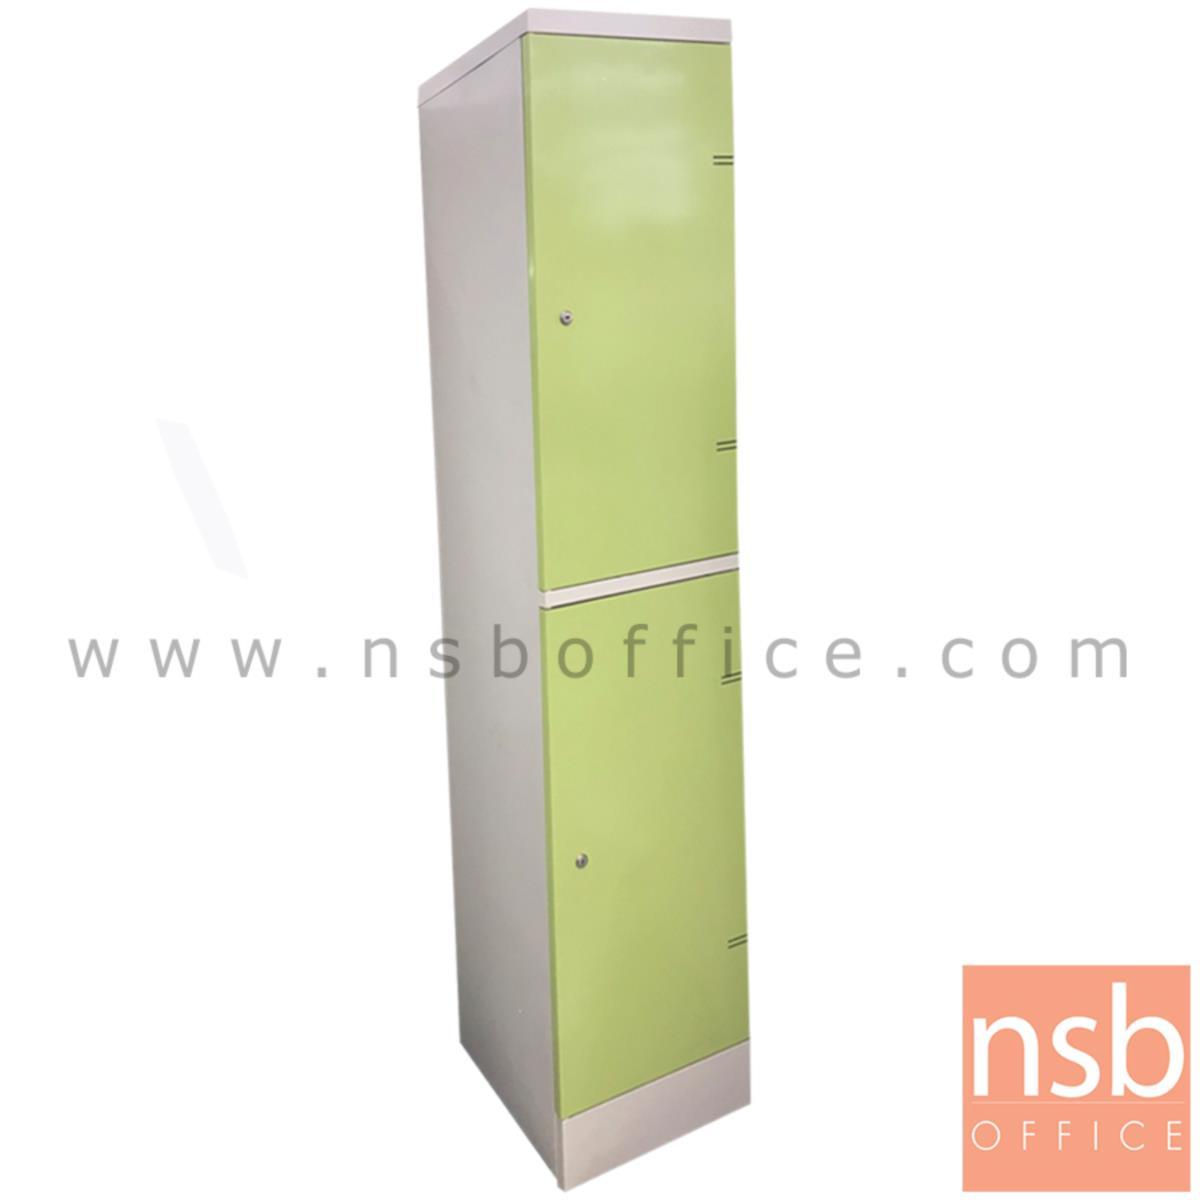 L10A211:ตู้ล็อคเกอร์เหล็กแถวเดี่ยว 2 ประตู  ขนาด 38W*183H cm. สีเขียว-ขาว